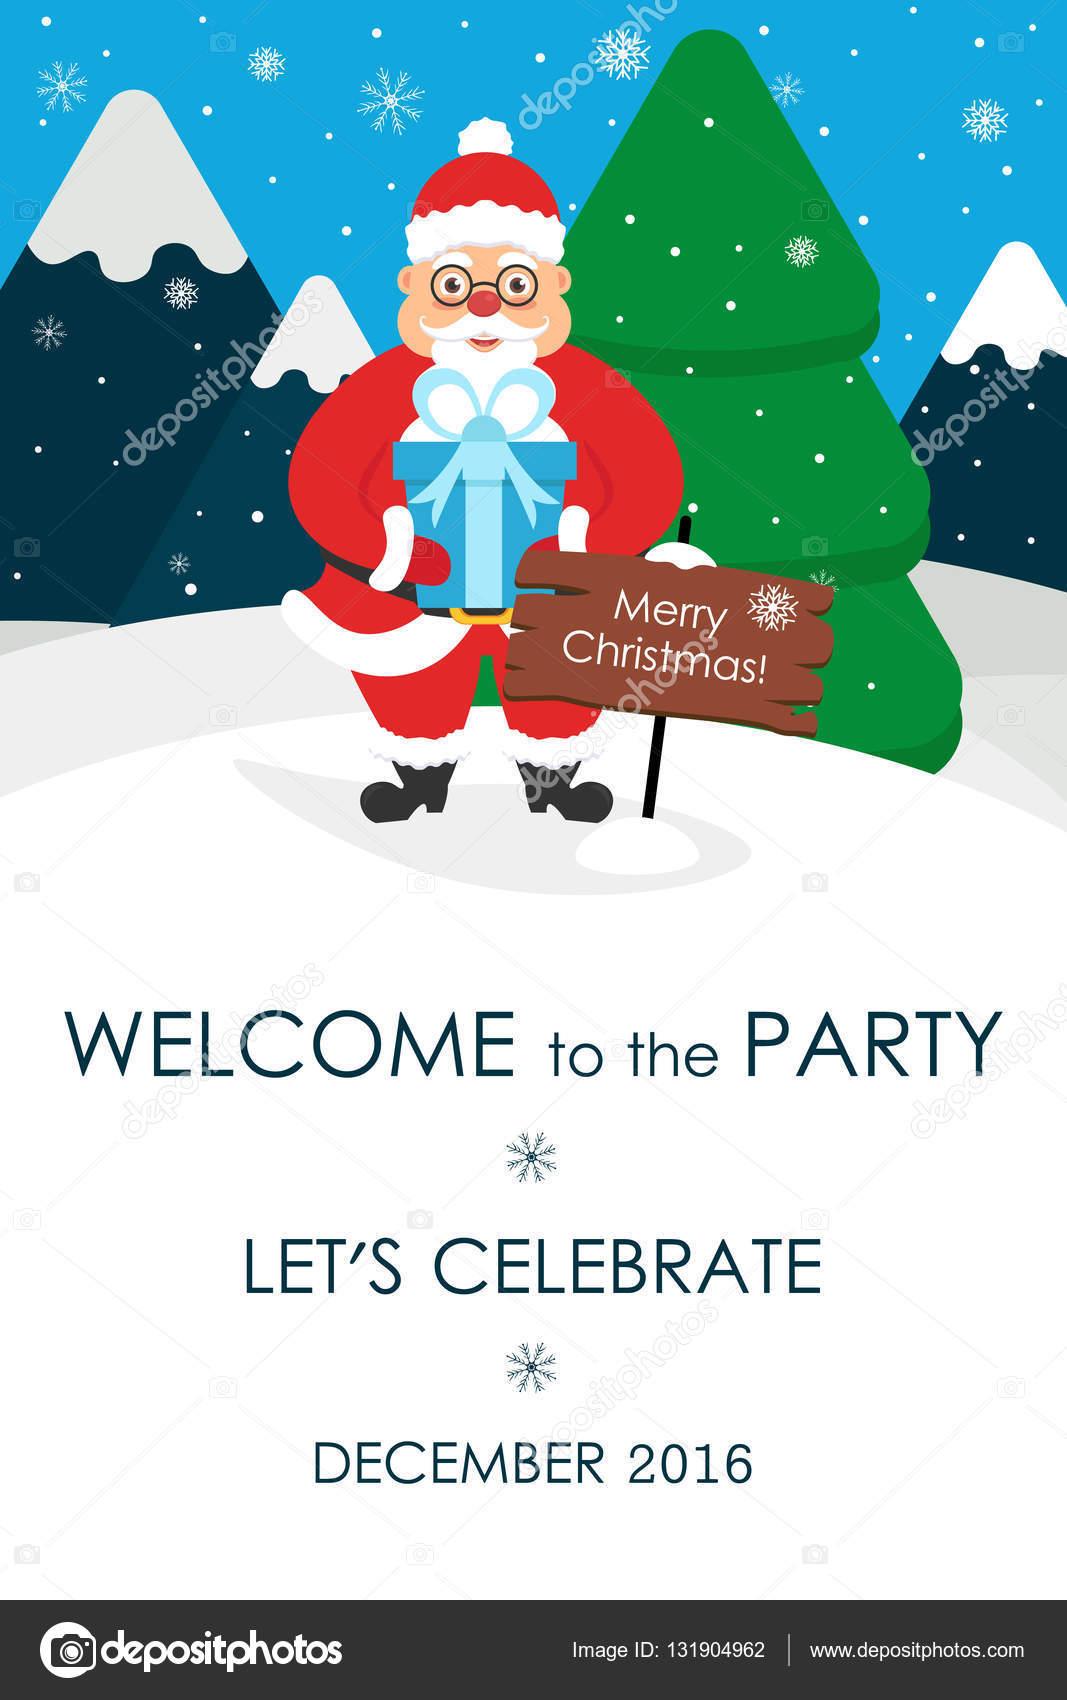 Christmas Party Einladung. Platz für Ihre SMS-Nachricht. Grußkarte ...